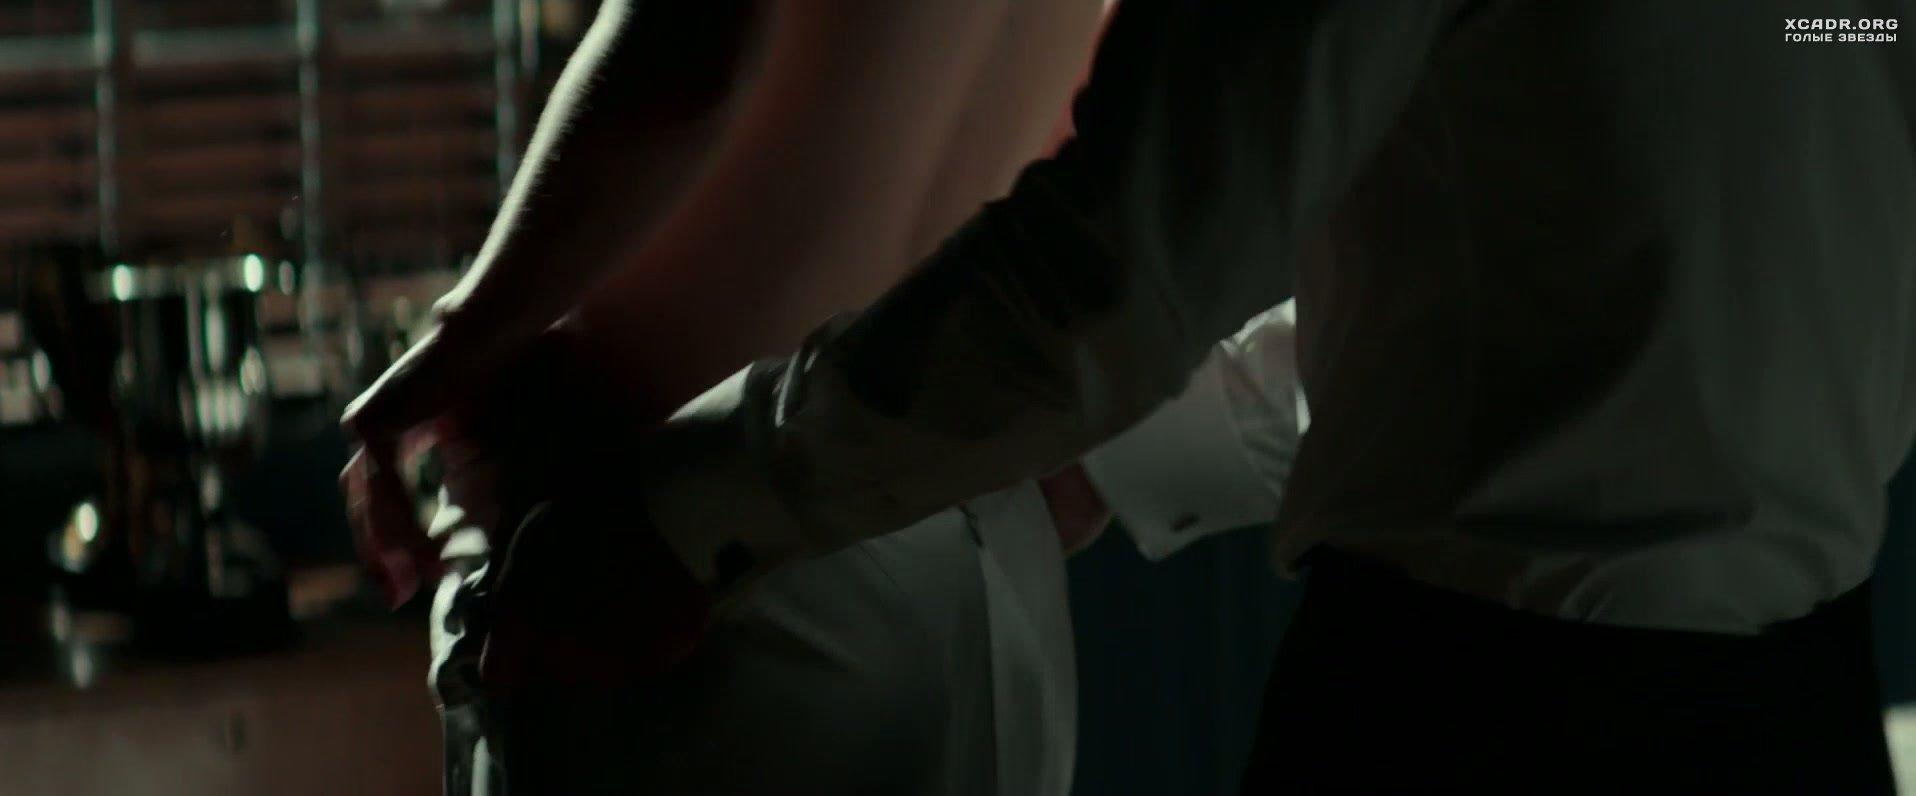 50-ottenkov-temnee-eroticheskie-stseni